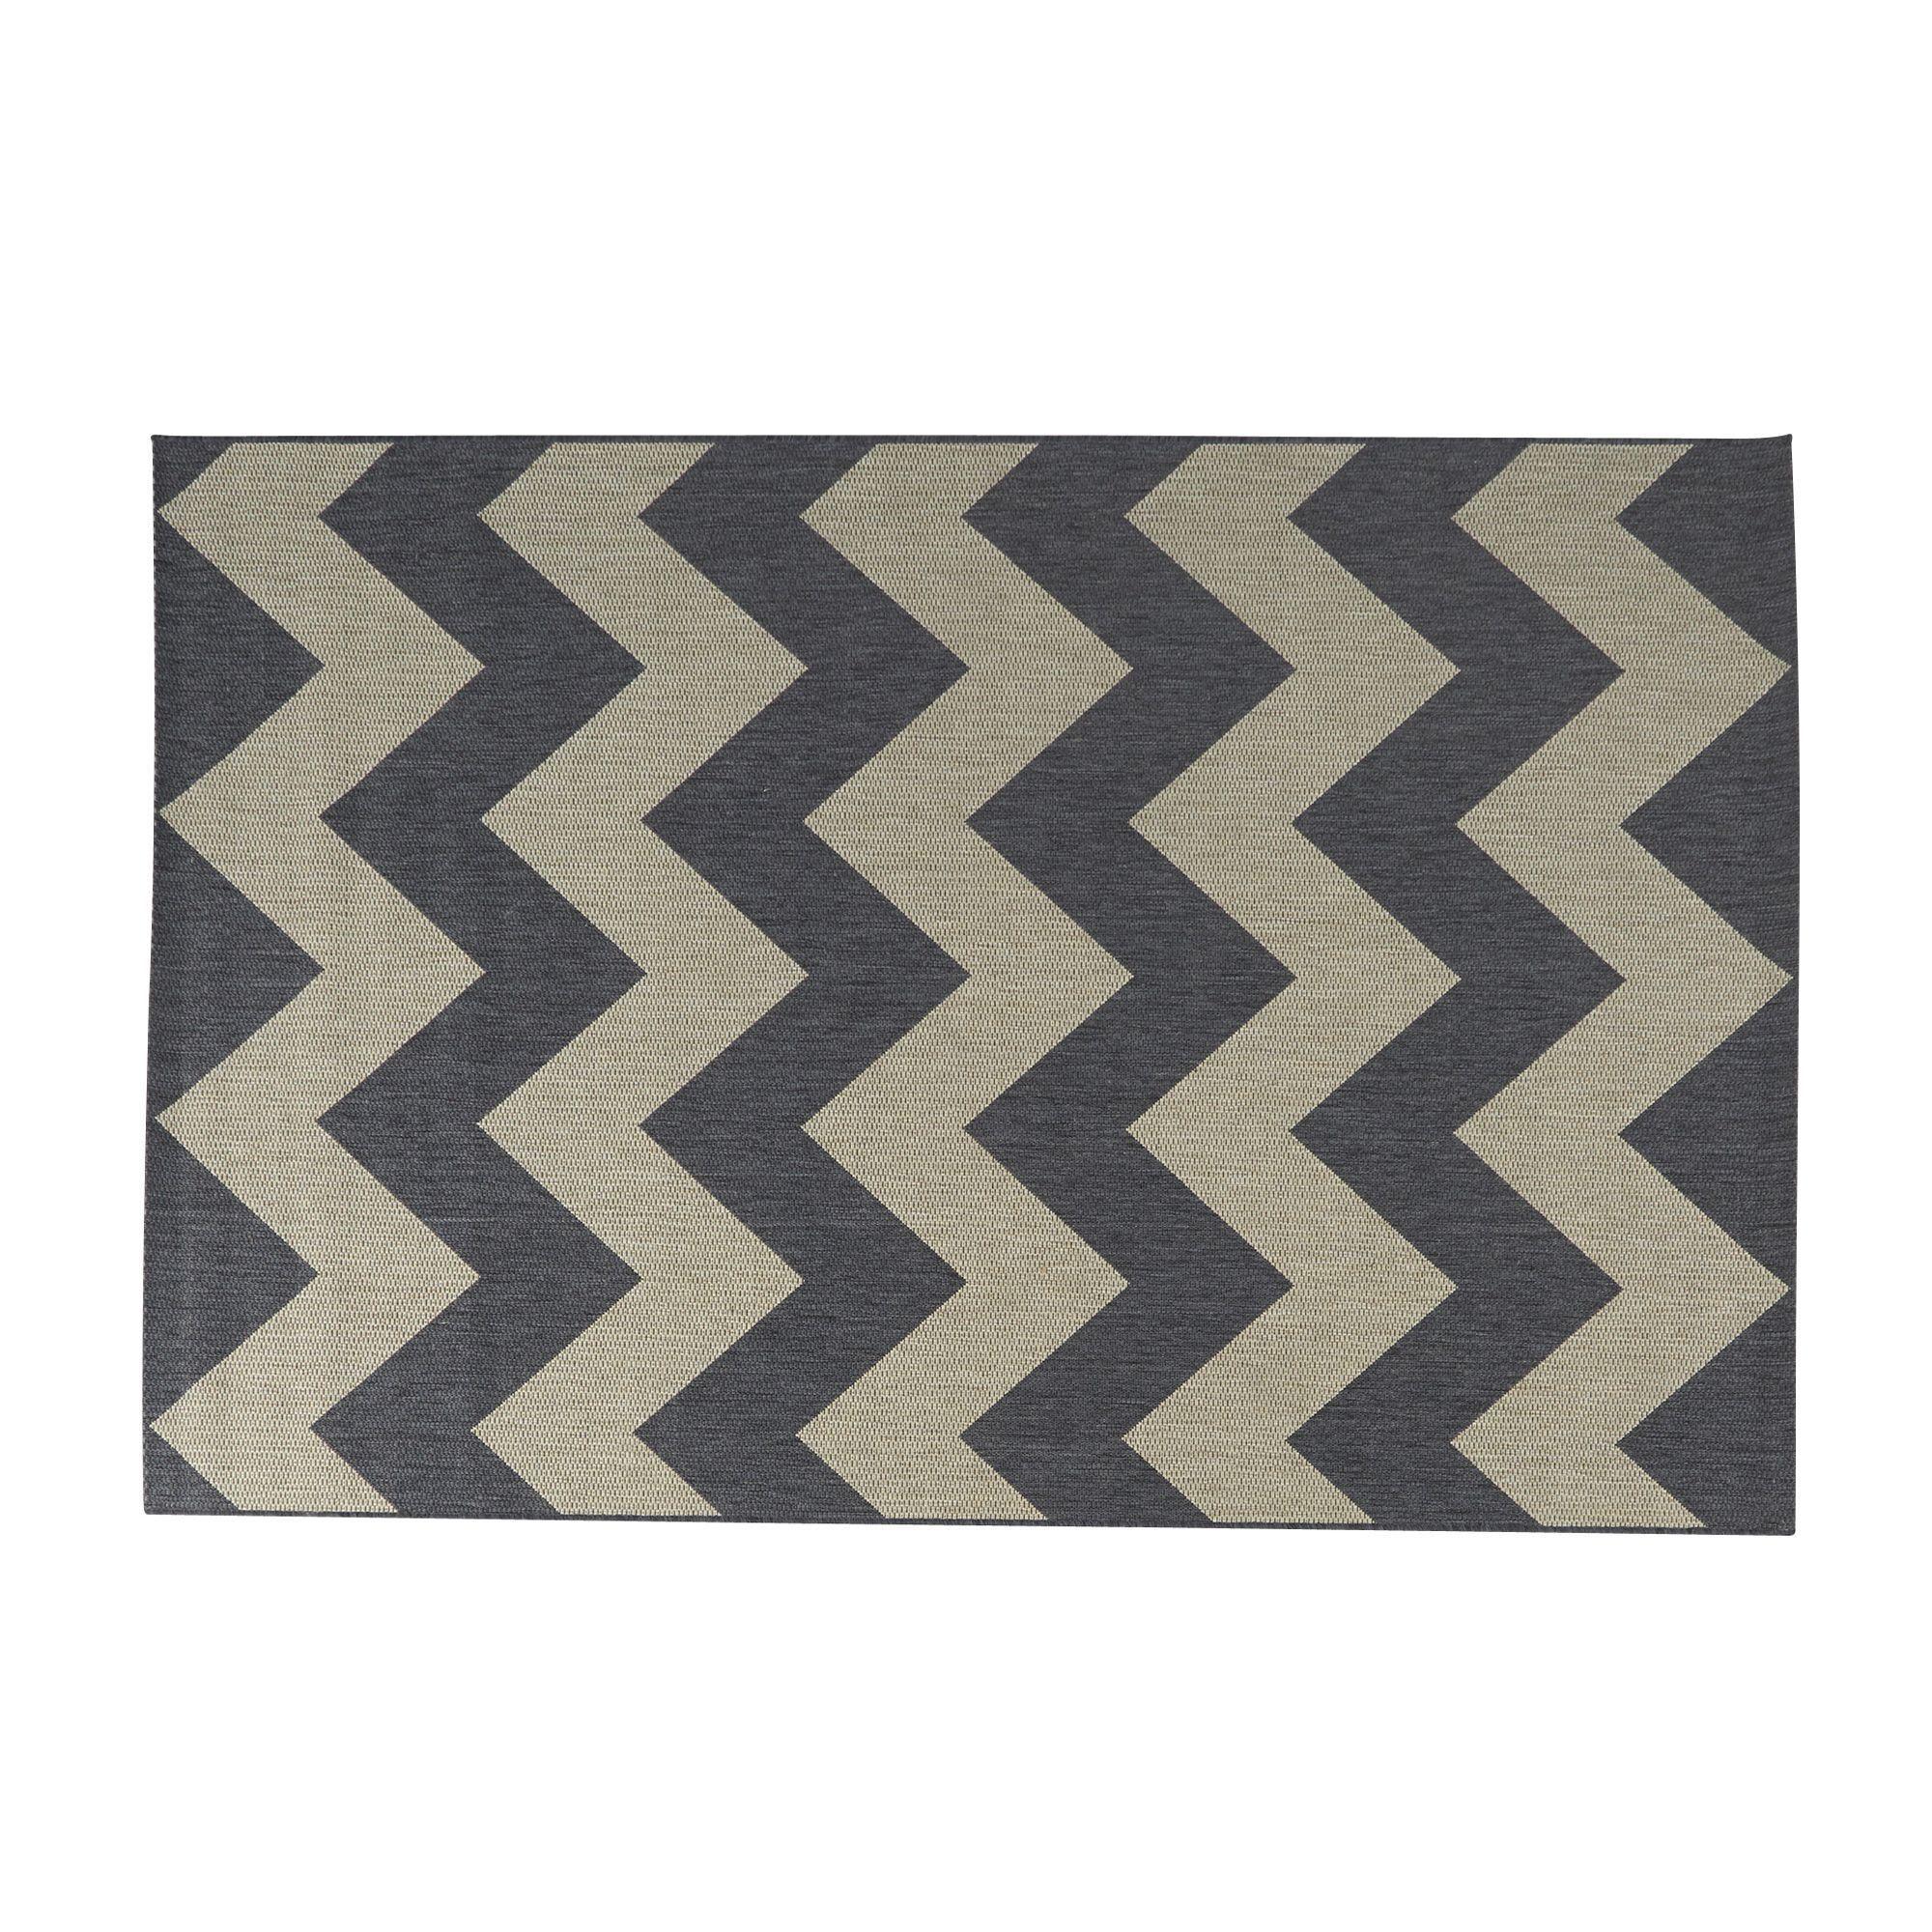 tapis ext rieur et int rieur 140x200cm gris anthracite ikat les tapis moyens tapis pour. Black Bedroom Furniture Sets. Home Design Ideas